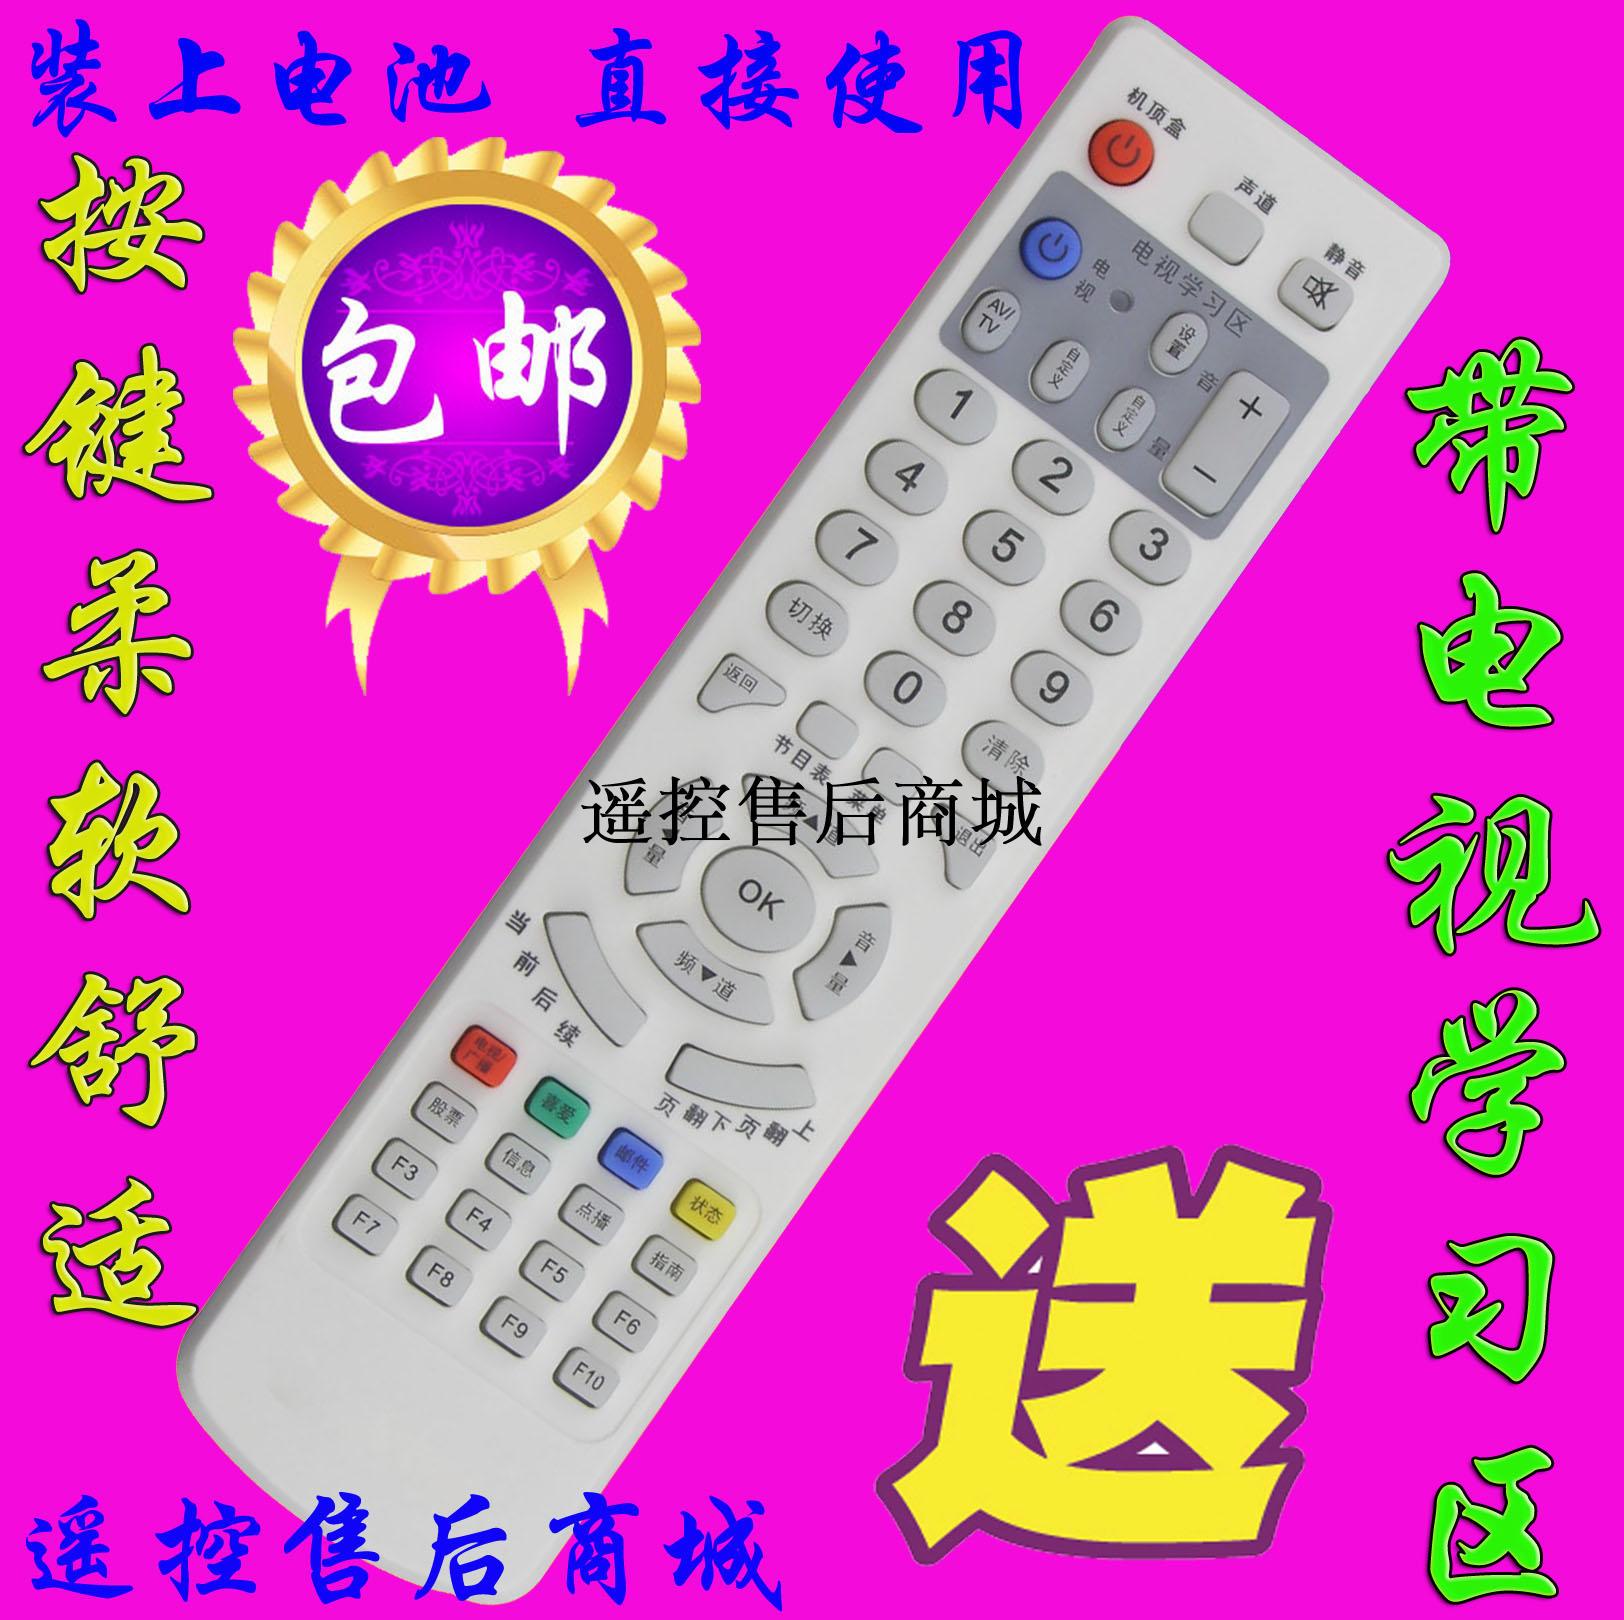 เซียะหมินฮุยลี่เหมาะสำหรับ BTN เครือข่ายวิทยุและโทรทัศน์ Skyworth ดิจิตอลทีวีการควบคุมระยะไกล